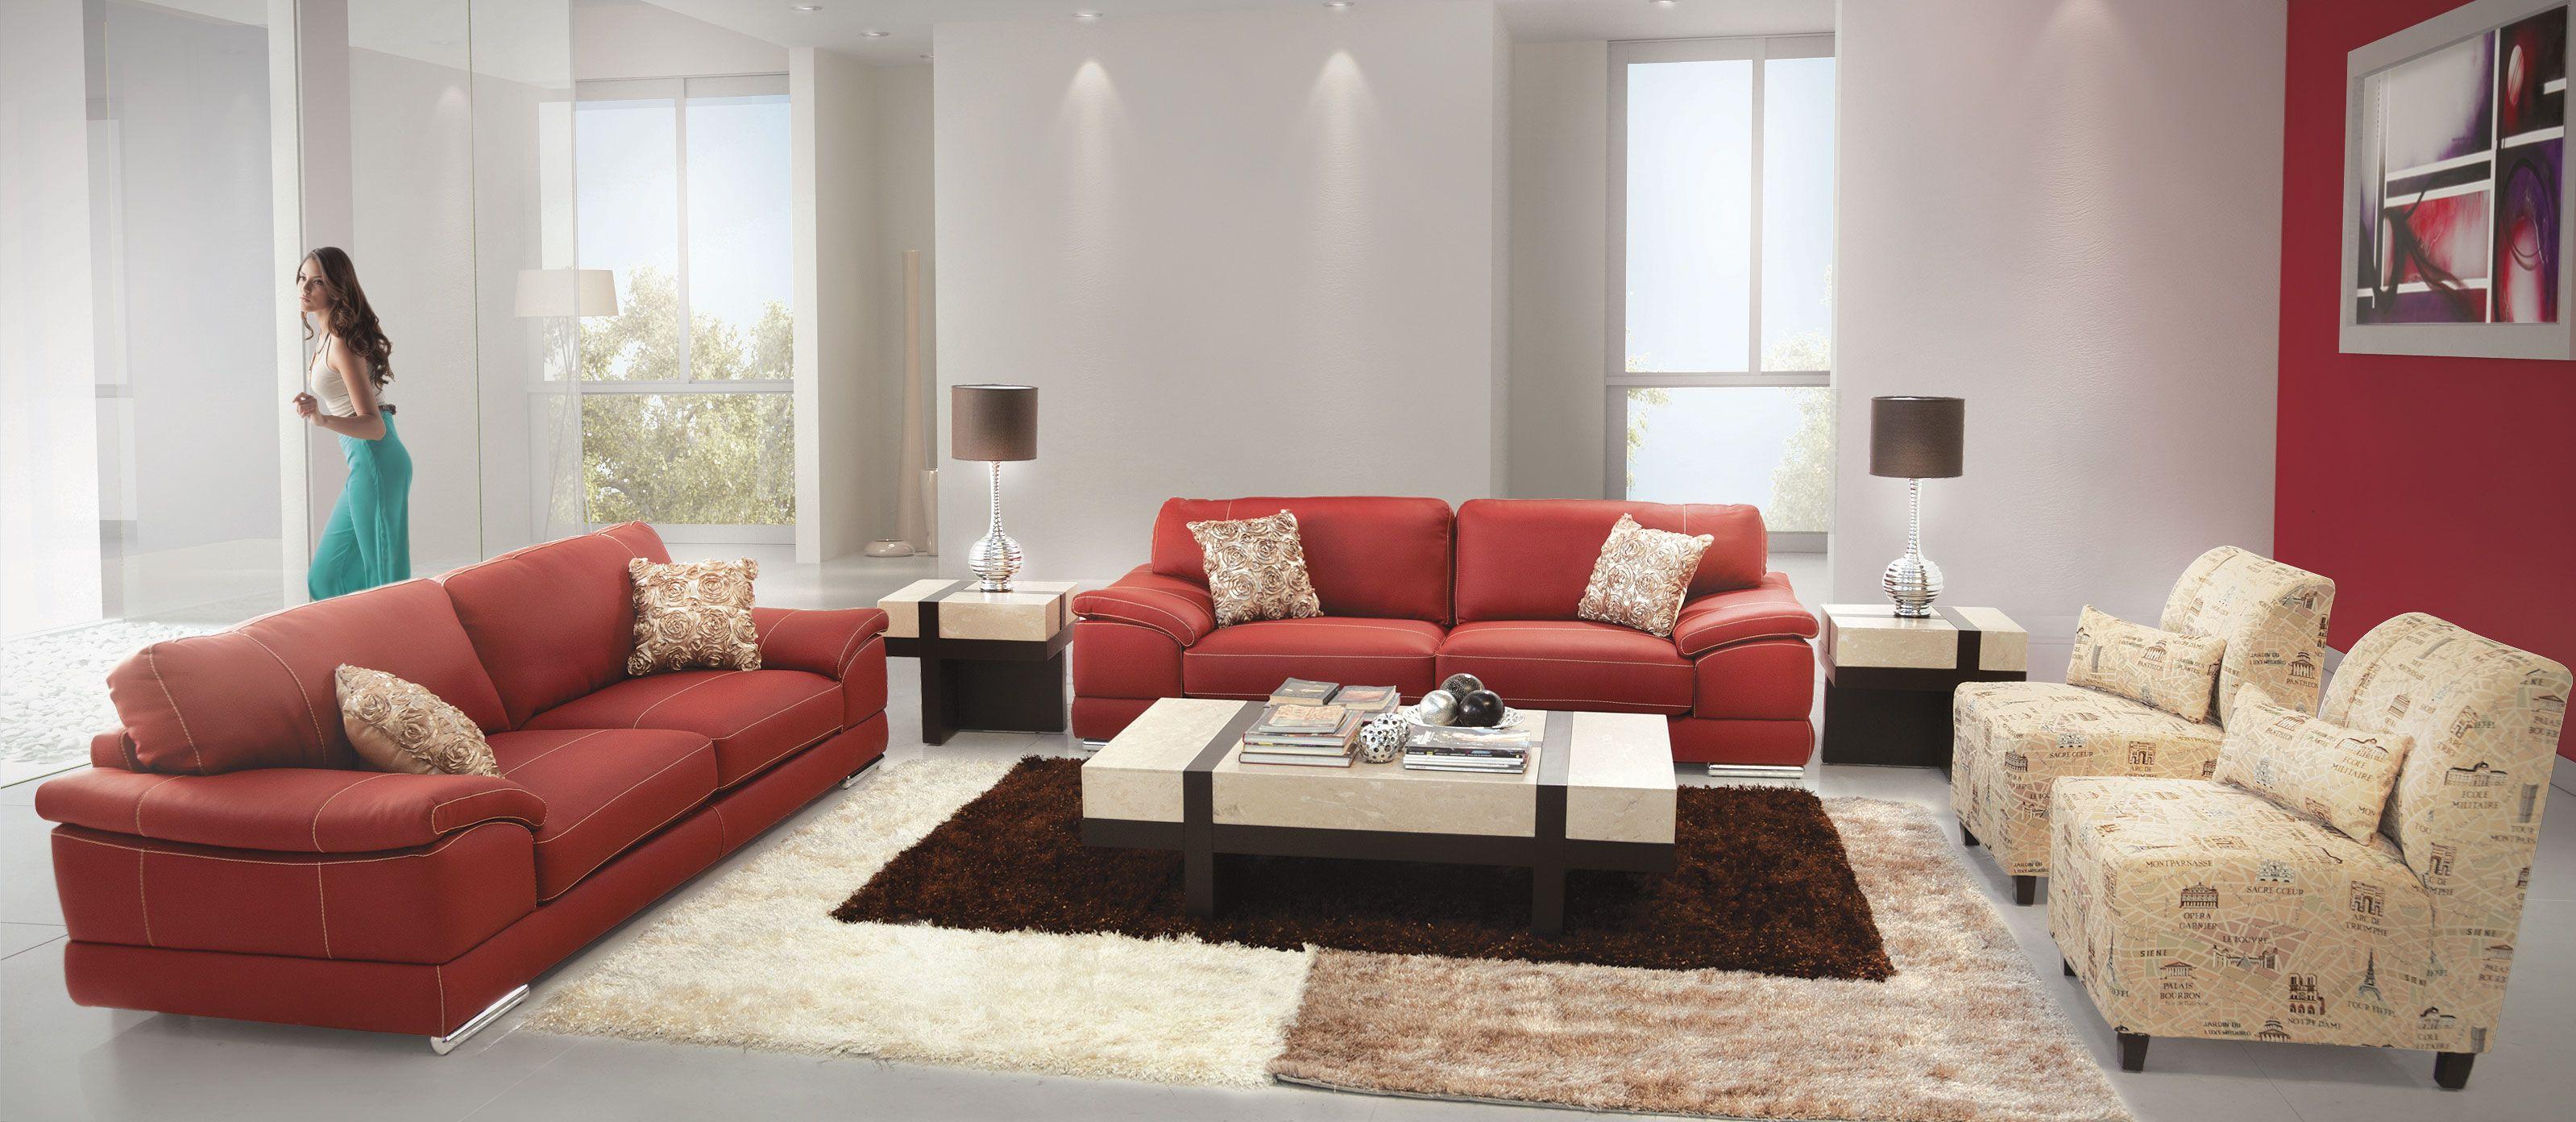 Sala calathea rosso de placencia muebles salas for Muebles y decoracion para el hogar